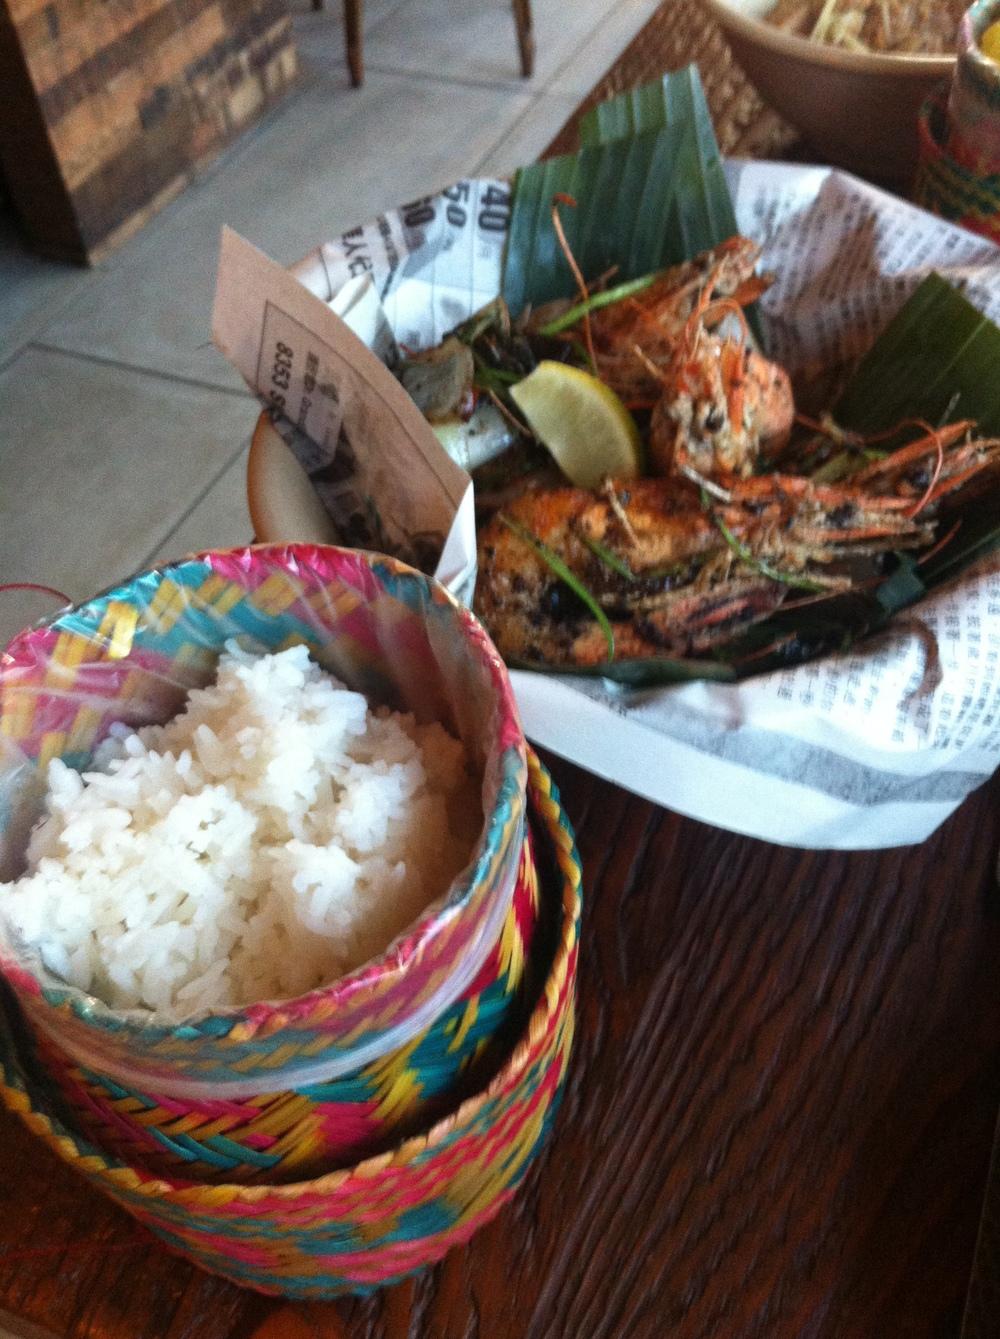 Vietnamese-Style Crispy Prawns   : salteados com chili tailandês fresco, alho, chalota, cebolinha e especiarias. Servido com arroz Jasmine Tailandês. Quando acabou, eu quis comer o papel pra aproveitar o caldinho.